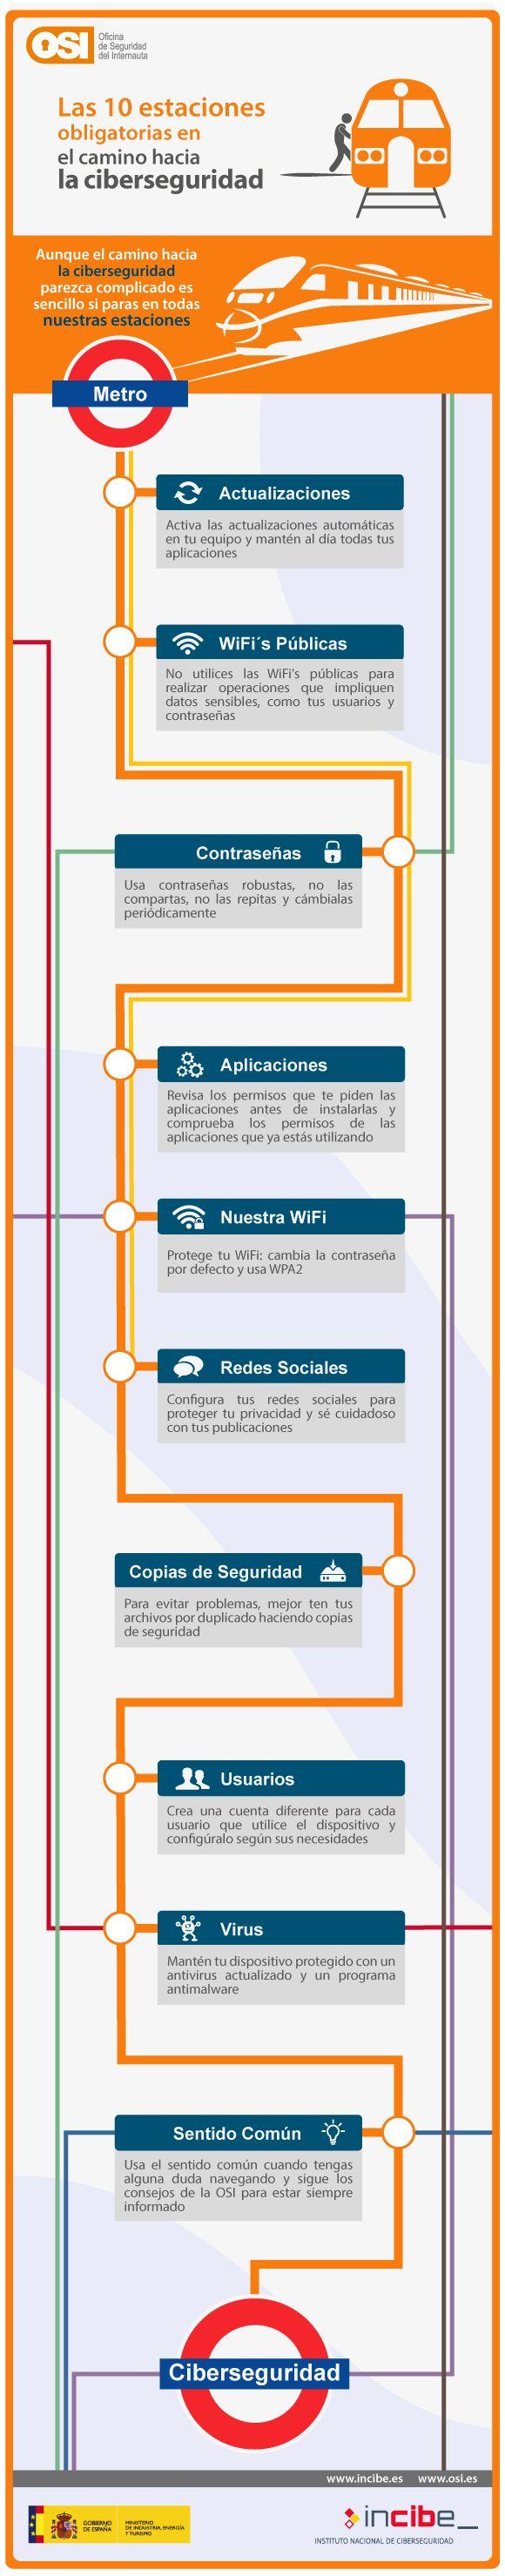 10 estaciones camino a la #ciberseguridad.  Mantente actualizada, protege tus equipos.